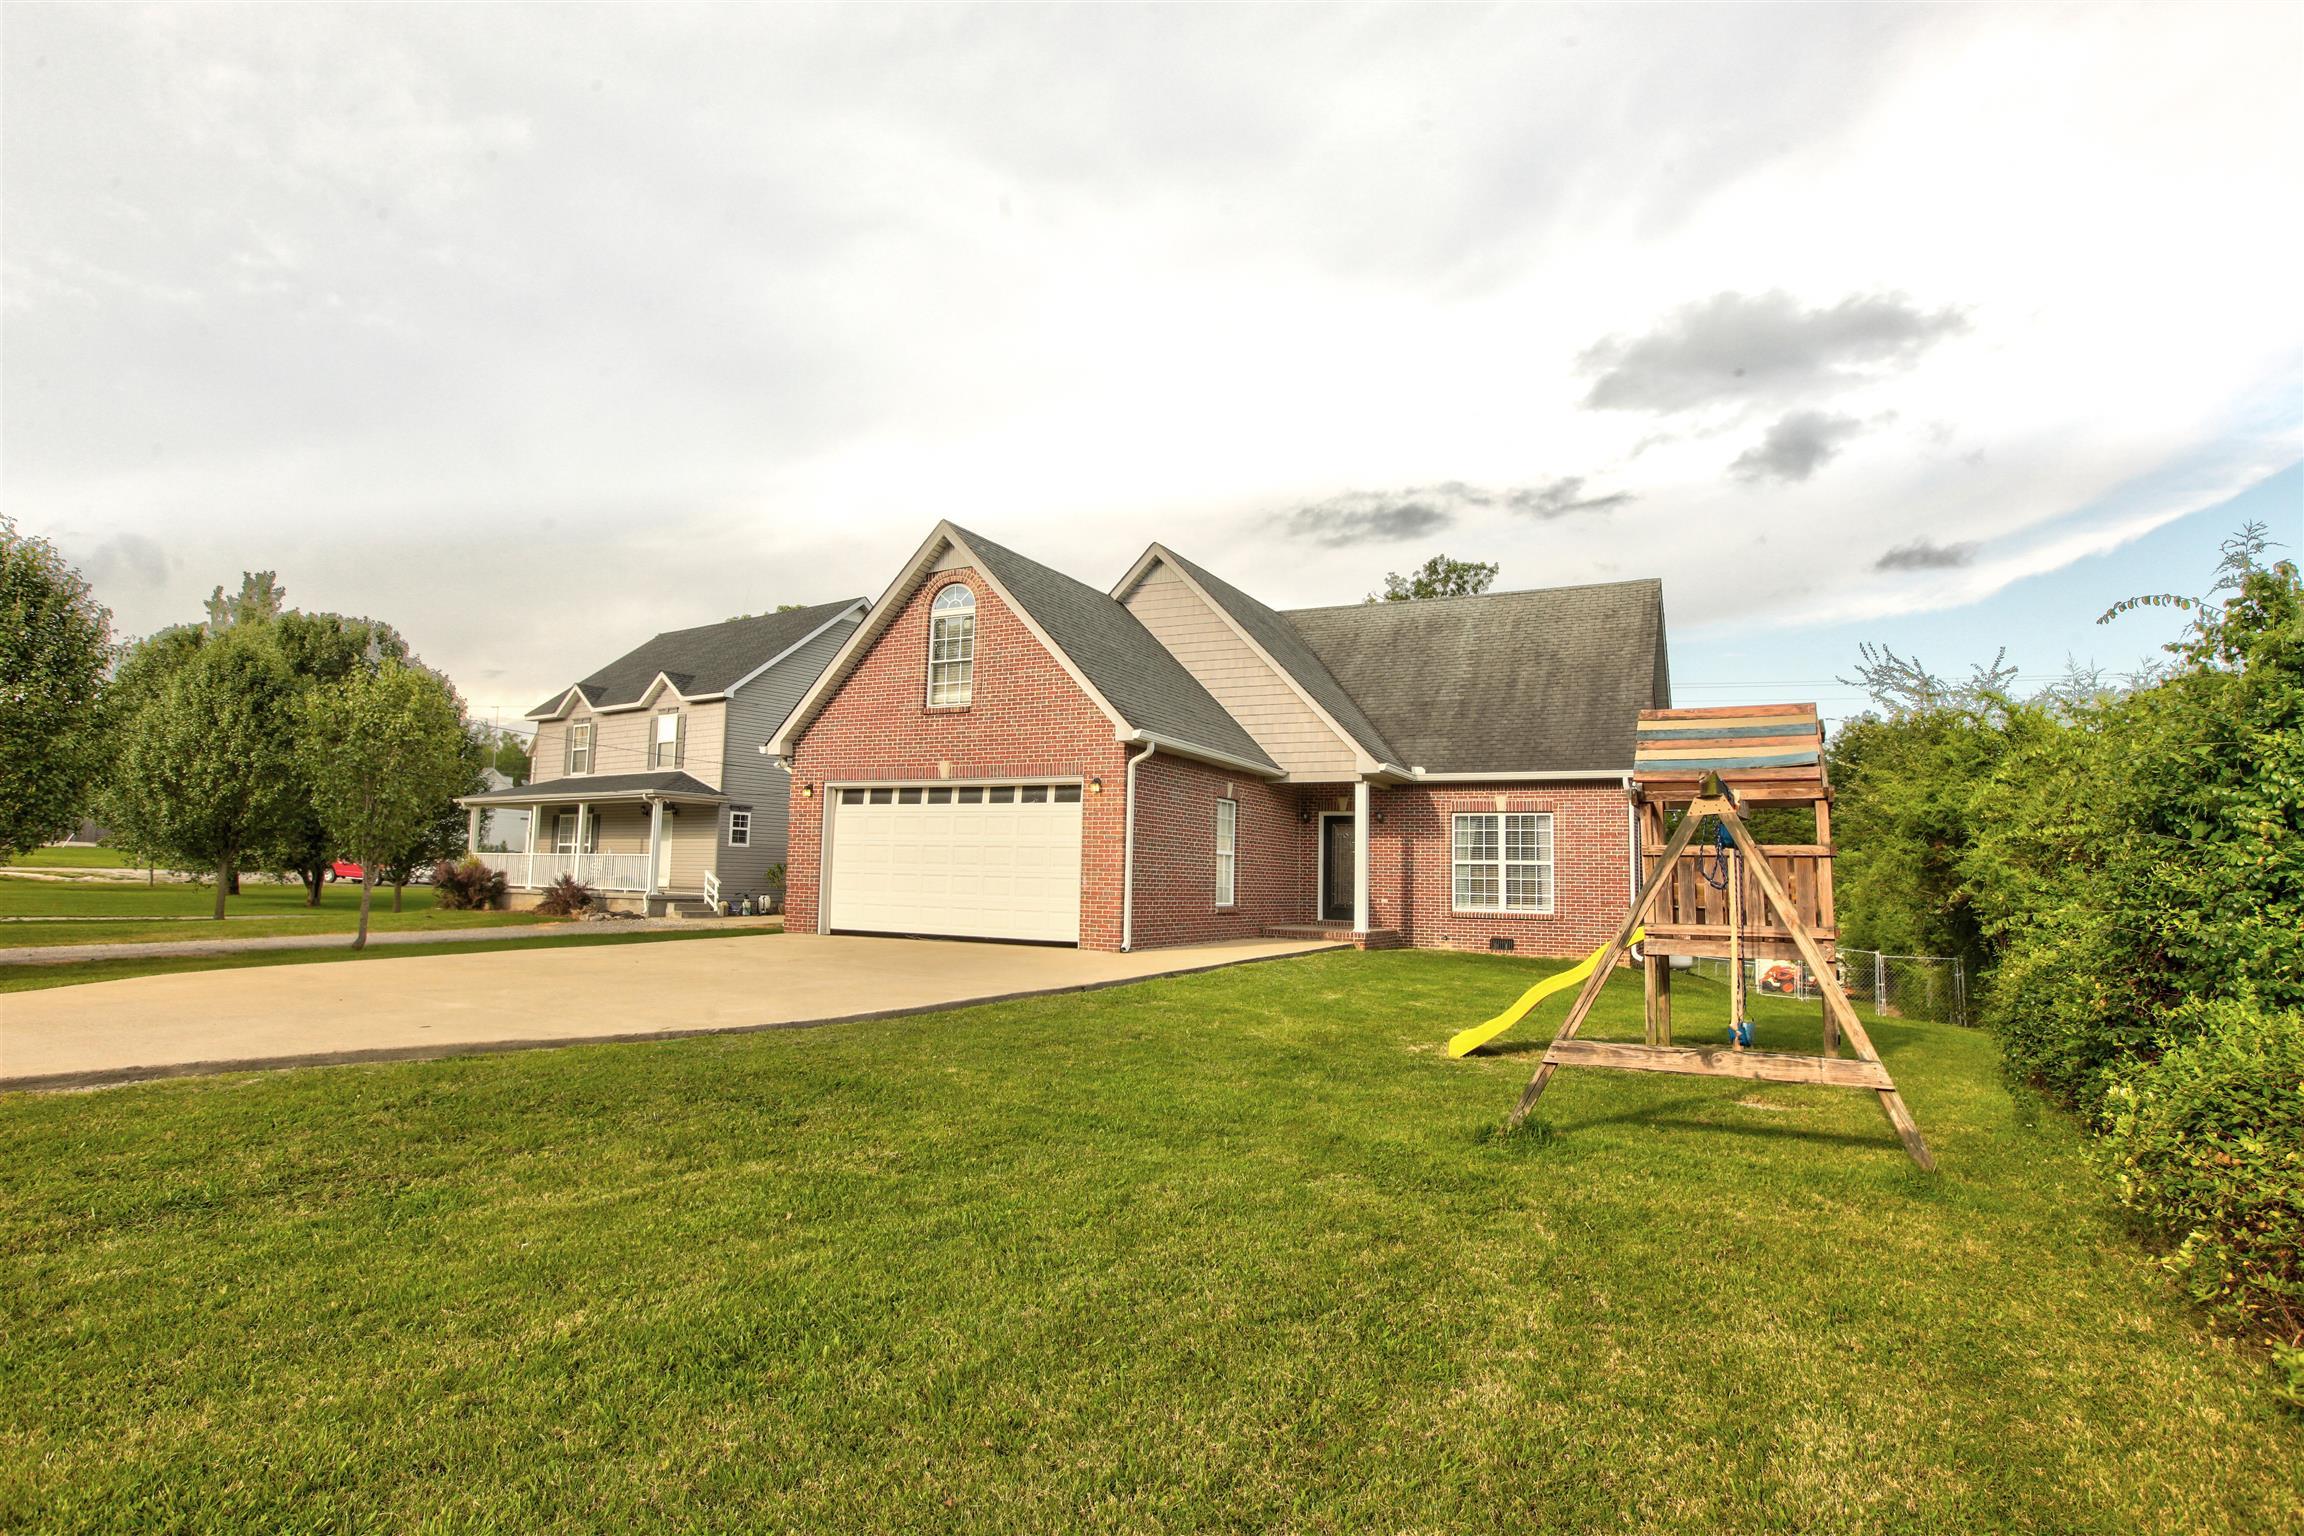 13535 Versailles Rd, Eagleville, TN 37060 - Eagleville, TN real estate listing